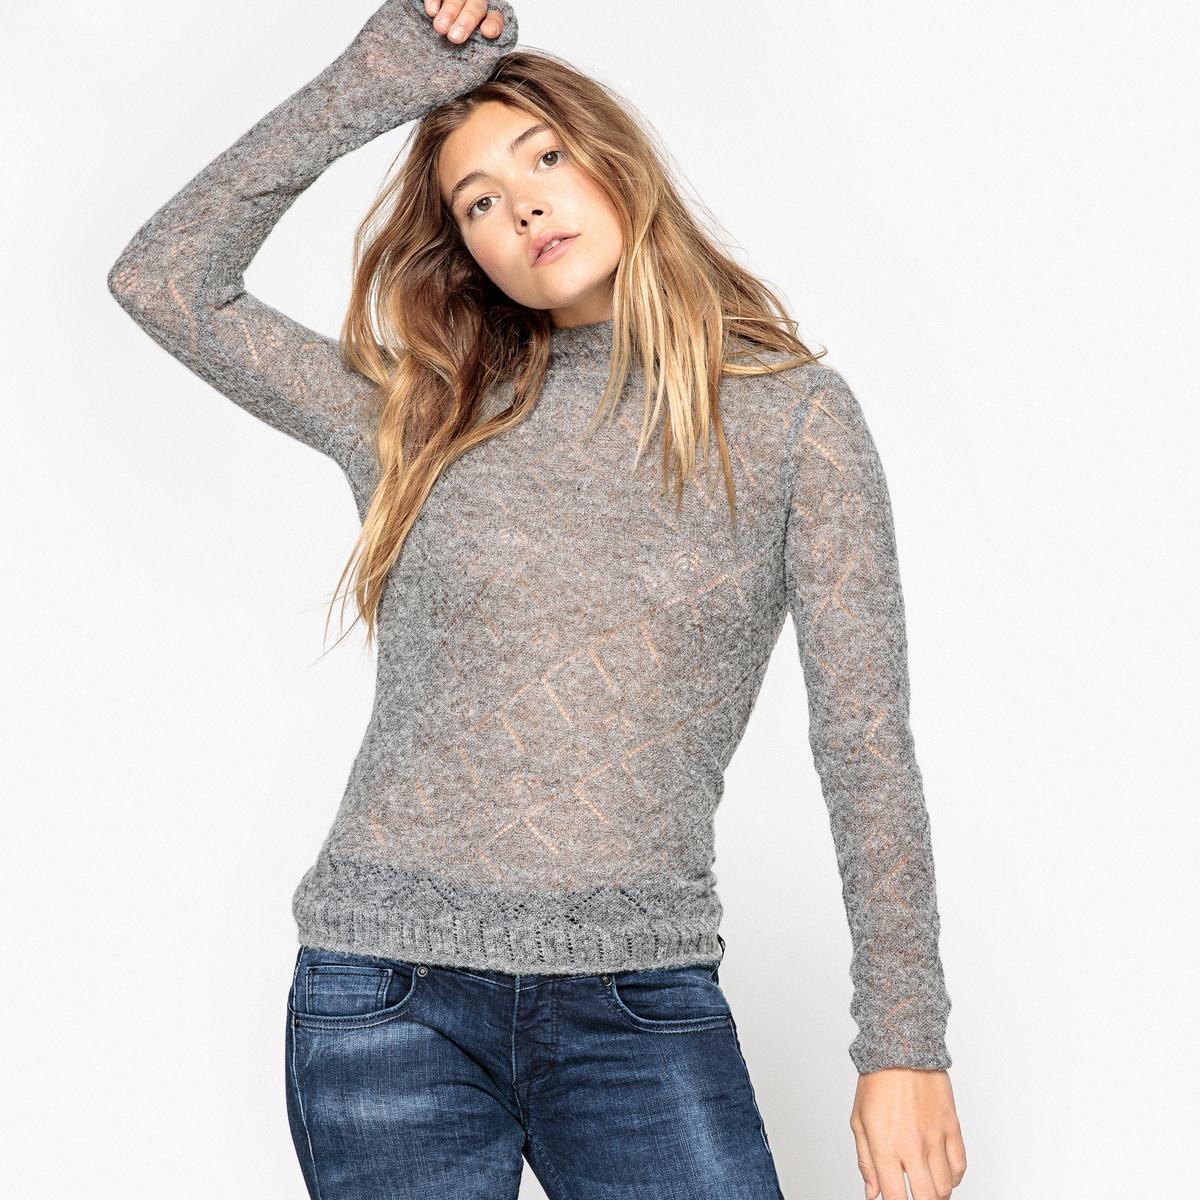 Пуловер LYCIAОписаниеДетали •  Длинные рукава •  Воротник с отворотом •  Тонкий трикотажСостав и уход •  44% полиамида, 42% шерсти, 14% альпаки •  Следуйте советам по уходу, указанным на этикетке<br><br>Цвет: серый